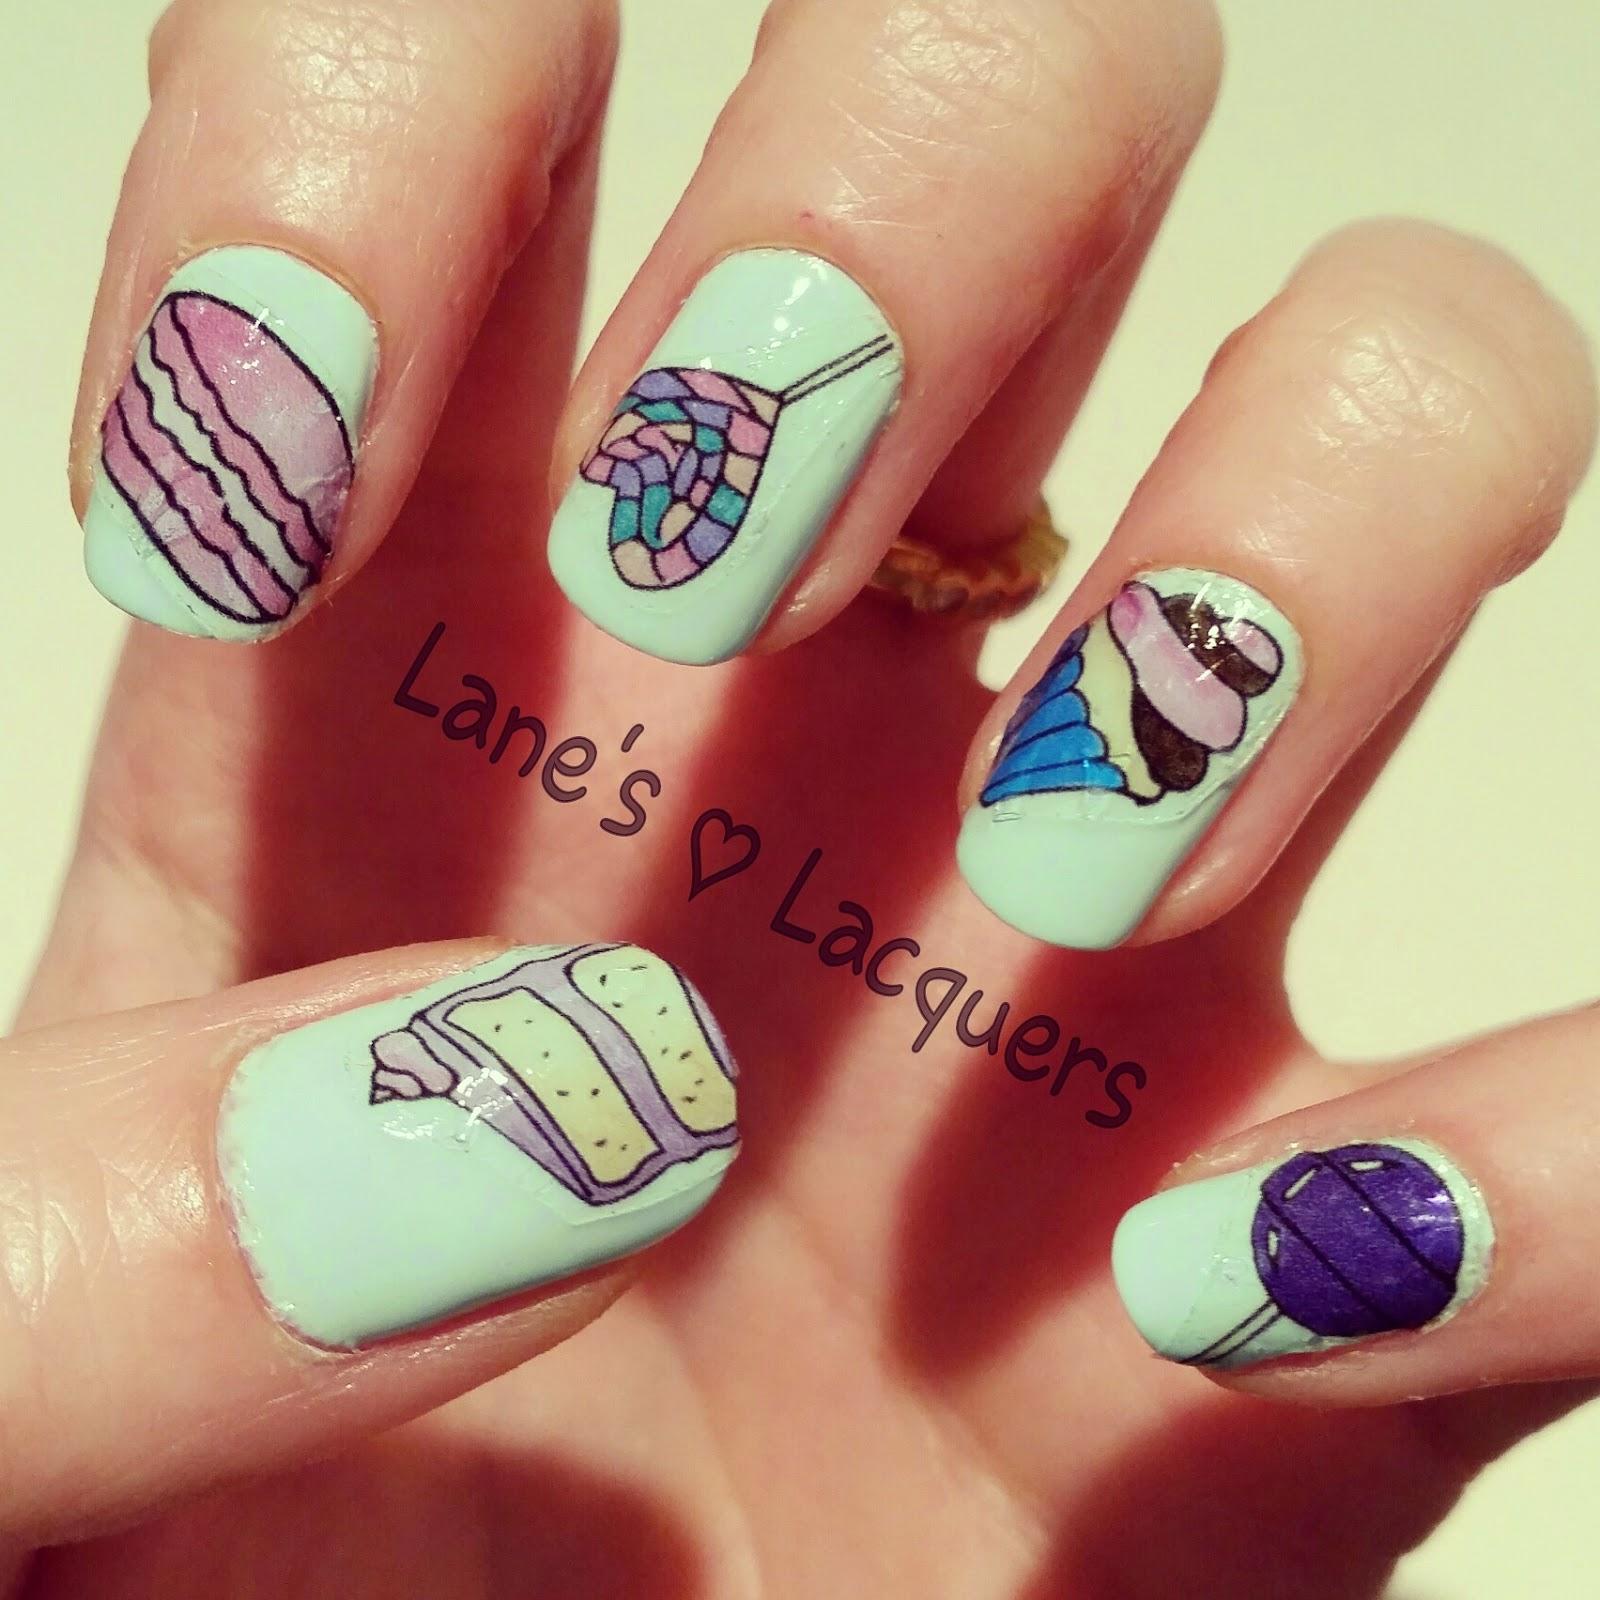 nail-doodles-sweets-cakes-water-transfer-nail-art